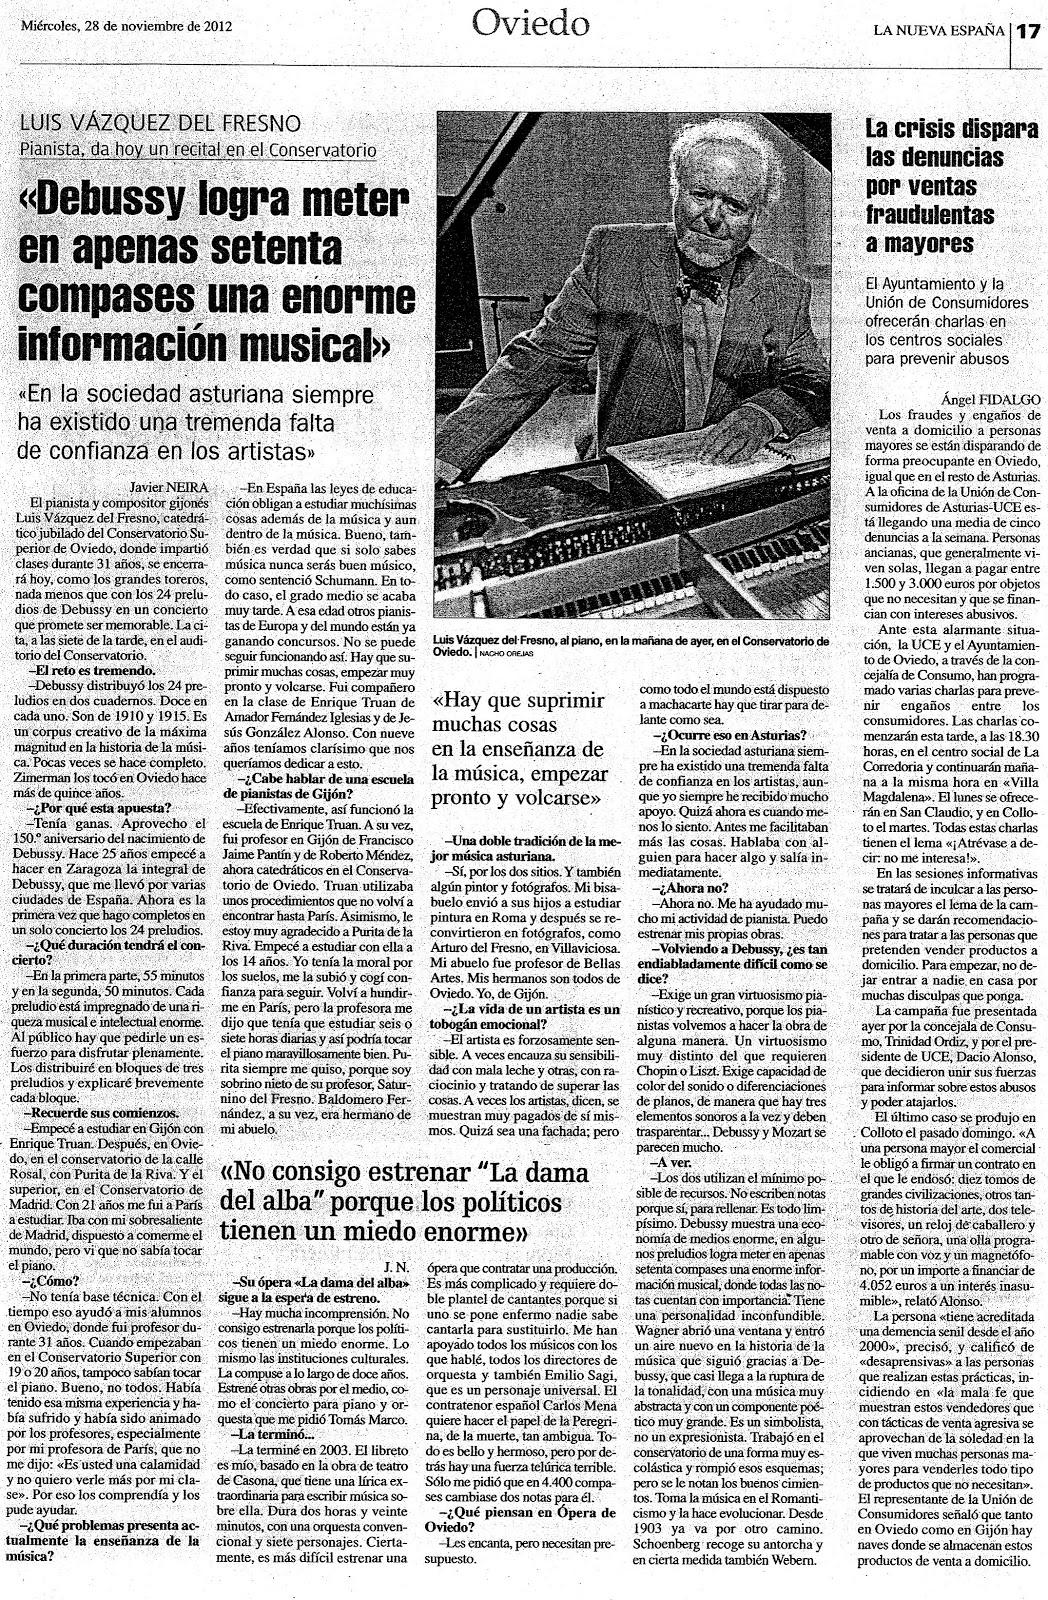 Luis Vázquez del Fresno | Pablo, la música en Siana